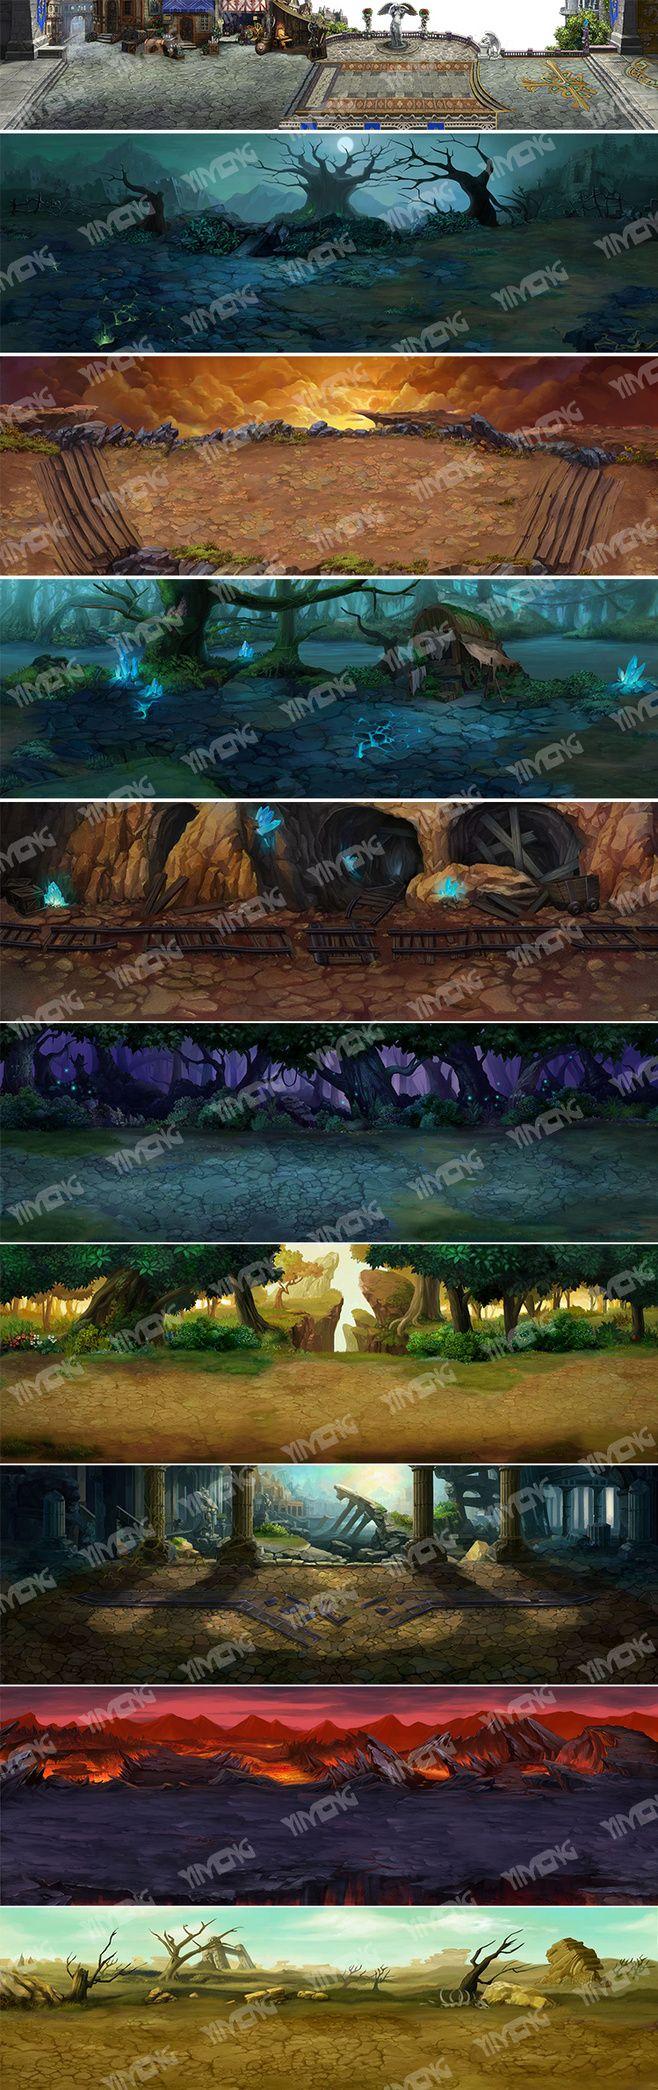 游戏原画美术设计欧美风格场景素材资料2D...